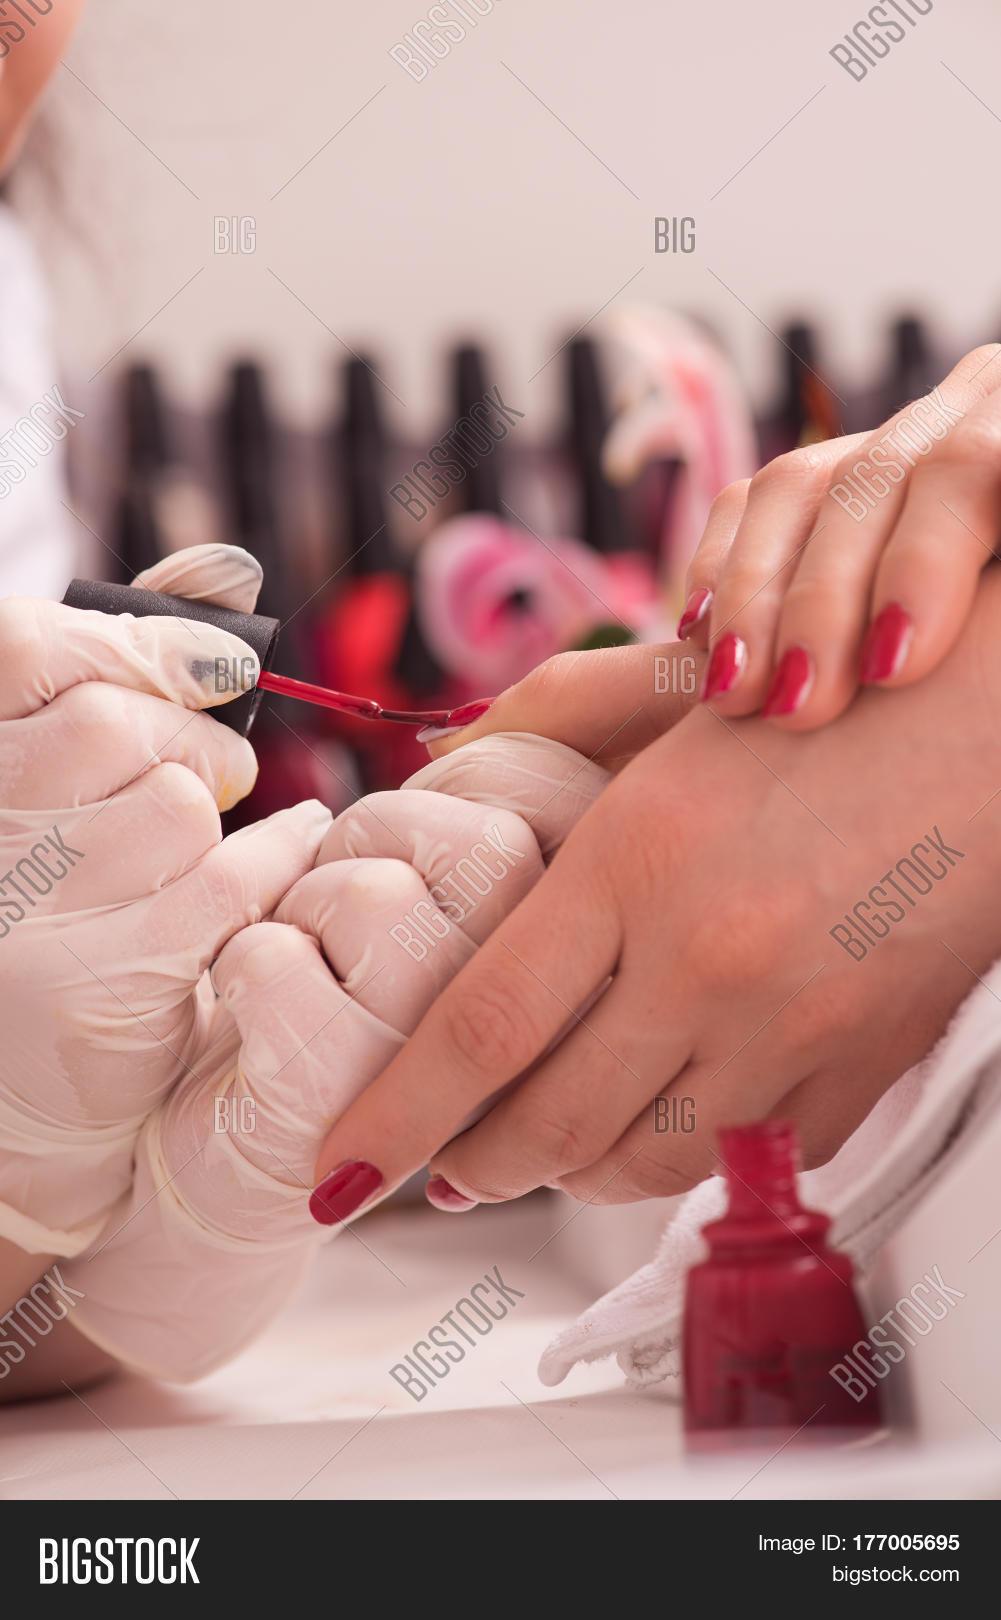 English speaking nail salon - Tuckerton seaport